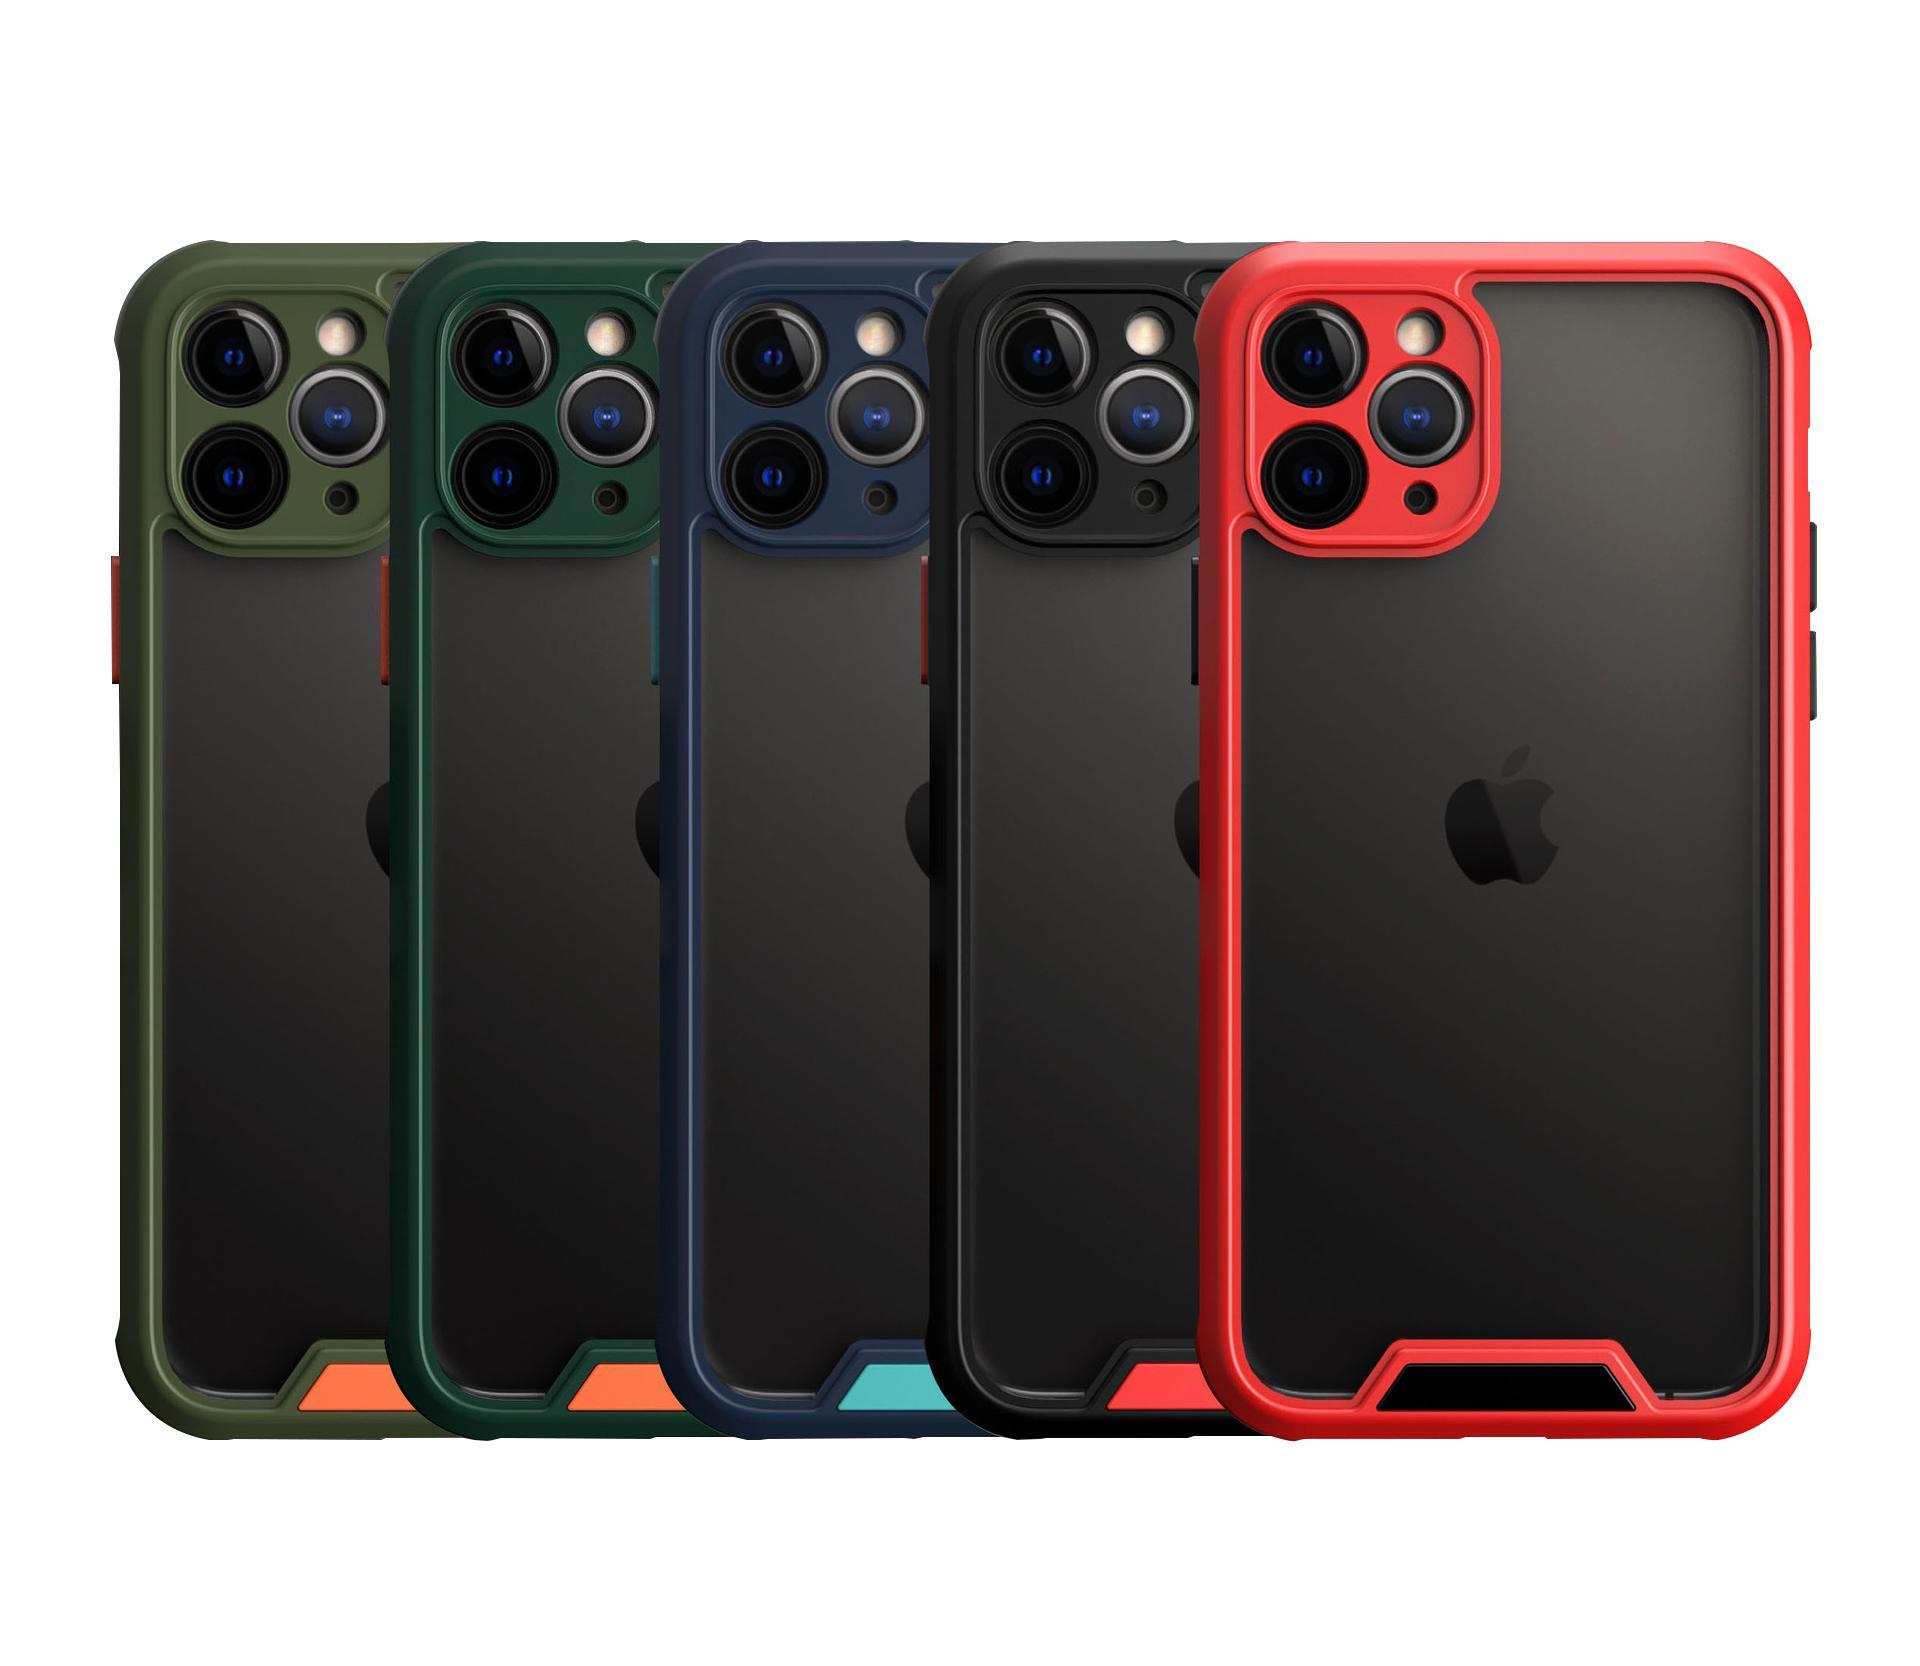 Zırh Kontrast Renk Yüksek Şeffaflık Temizle Askeri Darbeye Dayanıklı Telefon Kılıfı iPhone 12 Mini 11 Pro Max 6 7 8 Artı XR XS